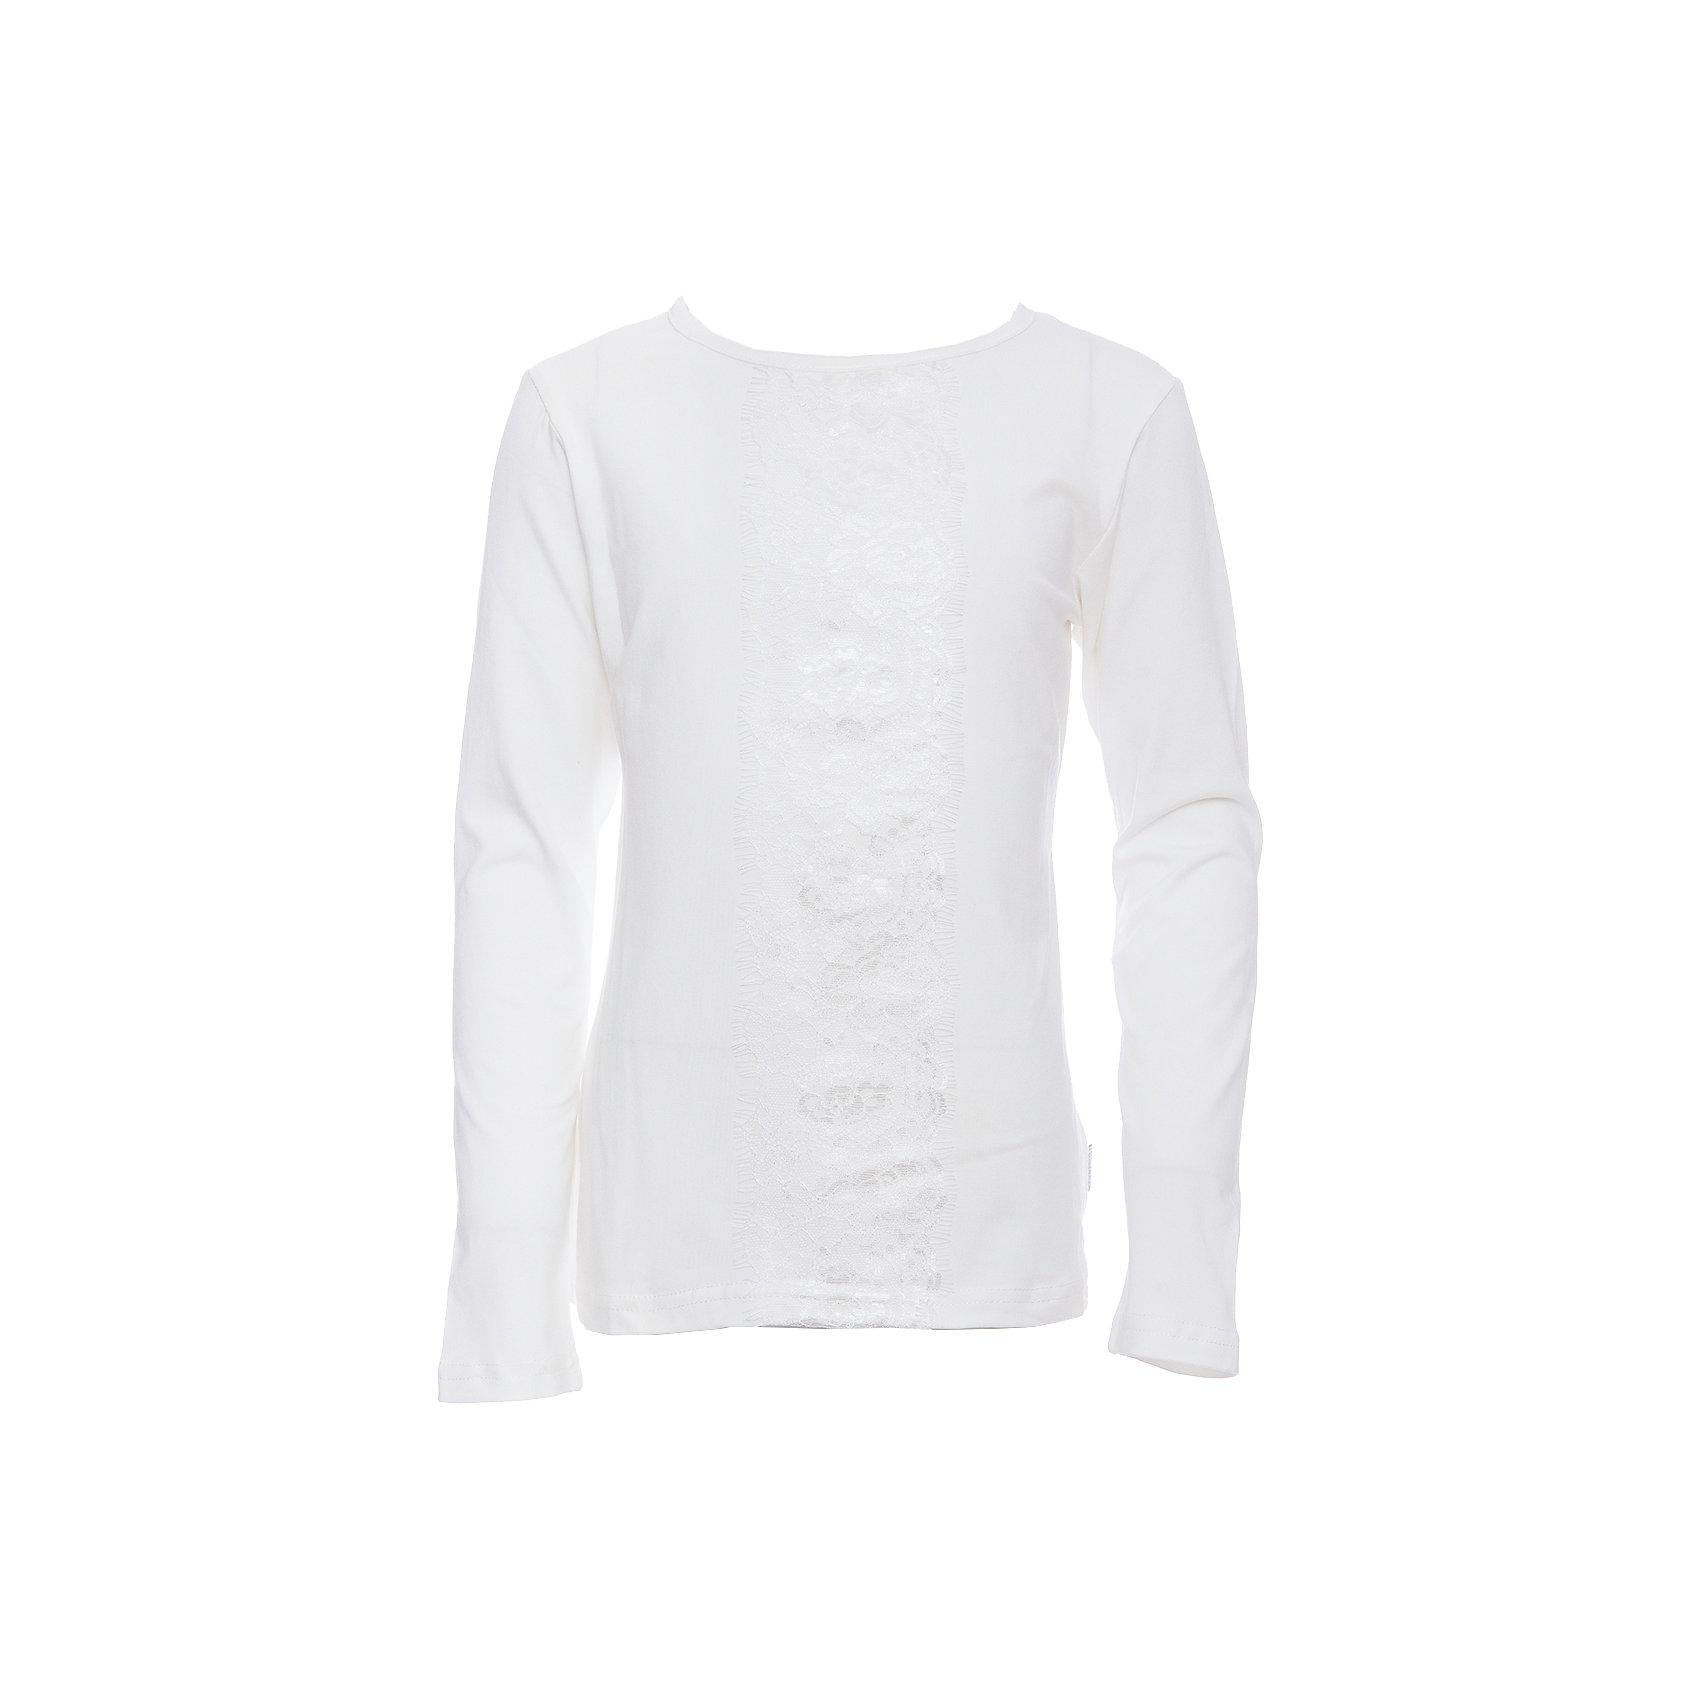 Футболка с длинным рукавом для девочки LuminosoБлузки и рубашки<br>Характеристики товара:<br><br>• цвет: белый;<br>• состав: 95% хлопок, 5% эластан;<br>• сезон: демисезон;<br>• особенности: школьная, с кружевом;<br>• с длинным рукавом;<br>• застежка: пуговица сзади на горловине;<br>• декорирована кружевной вставкой; <br>• страна бренда: Россия;<br>• страна производства: Китай.<br><br>Школьная блузка с длинным рукавом для девочки. Белая блузка с округлым вырезом и длинным рукавом. Декорированная кружевной вставкой в тон изделию. Застегивается на пуговку на спинке.<br><br>Блузка для девочки Luminoso (Люминосо) можно купить в нашем интернет-магазине.<br><br>Ширина мм: 186<br>Глубина мм: 87<br>Высота мм: 198<br>Вес г: 197<br>Цвет: белый<br>Возраст от месяцев: 84<br>Возраст до месяцев: 96<br>Пол: Женский<br>Возраст: Детский<br>Размер: 128,164,122,134,140,146,152,158<br>SKU: 6672923